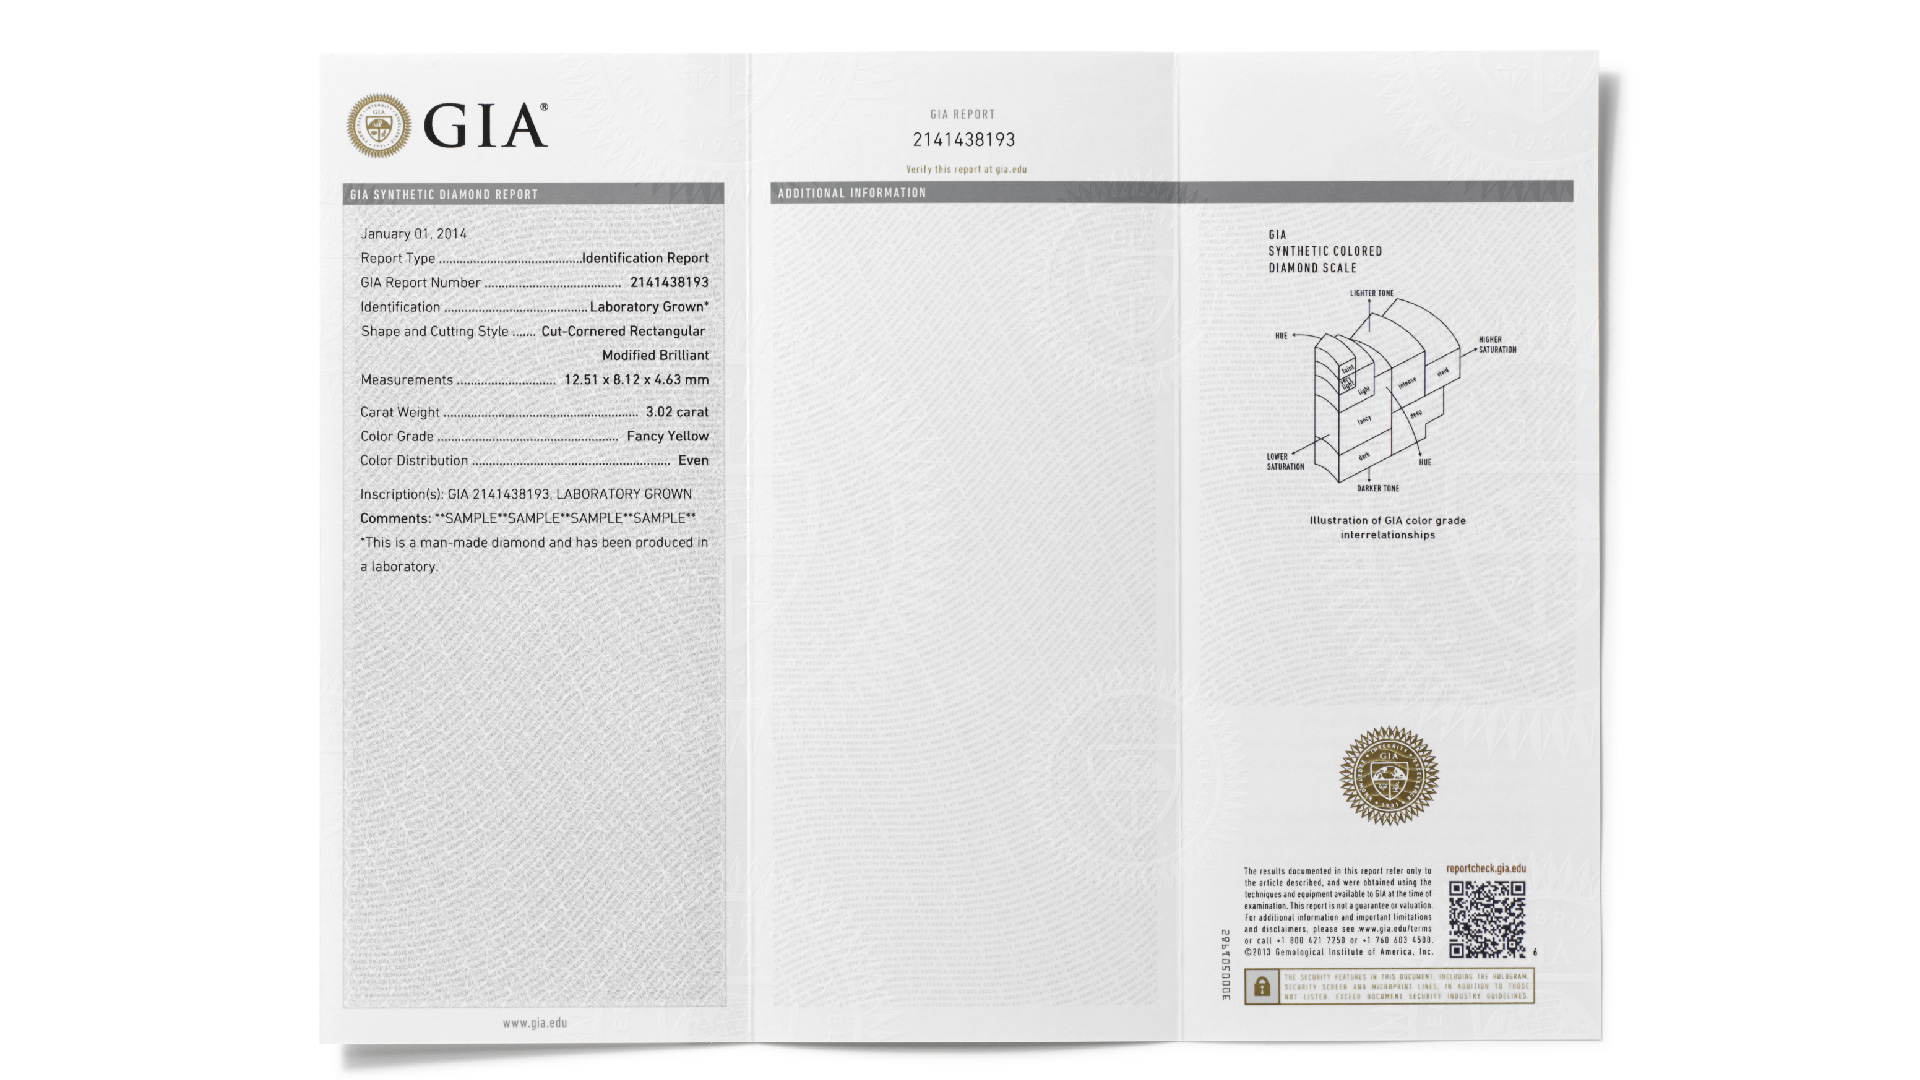 GIA合成カラーダイヤモンドレポートでは、合成カラーダイヤモンドのカラーグレードについて記載される。